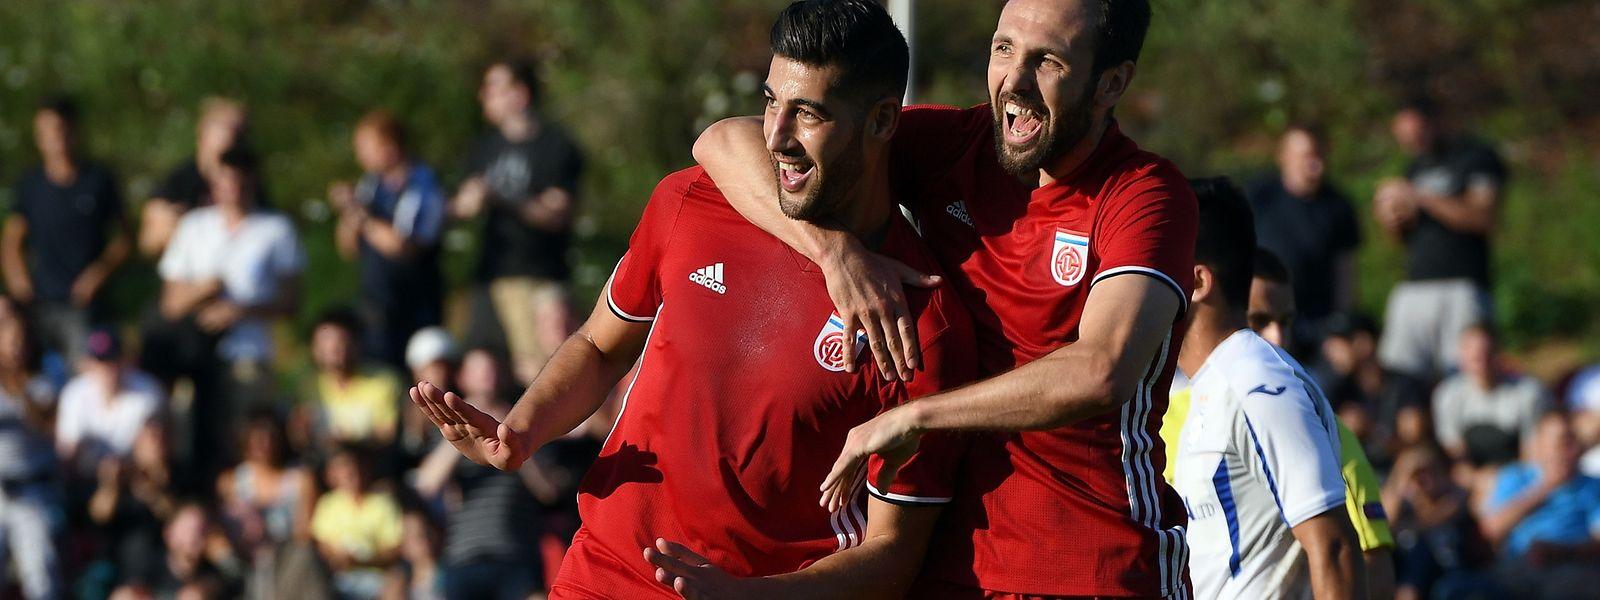 Samir Hadji und Veldin Muharemovic (r.) freuen sich auf die dritte Runde.